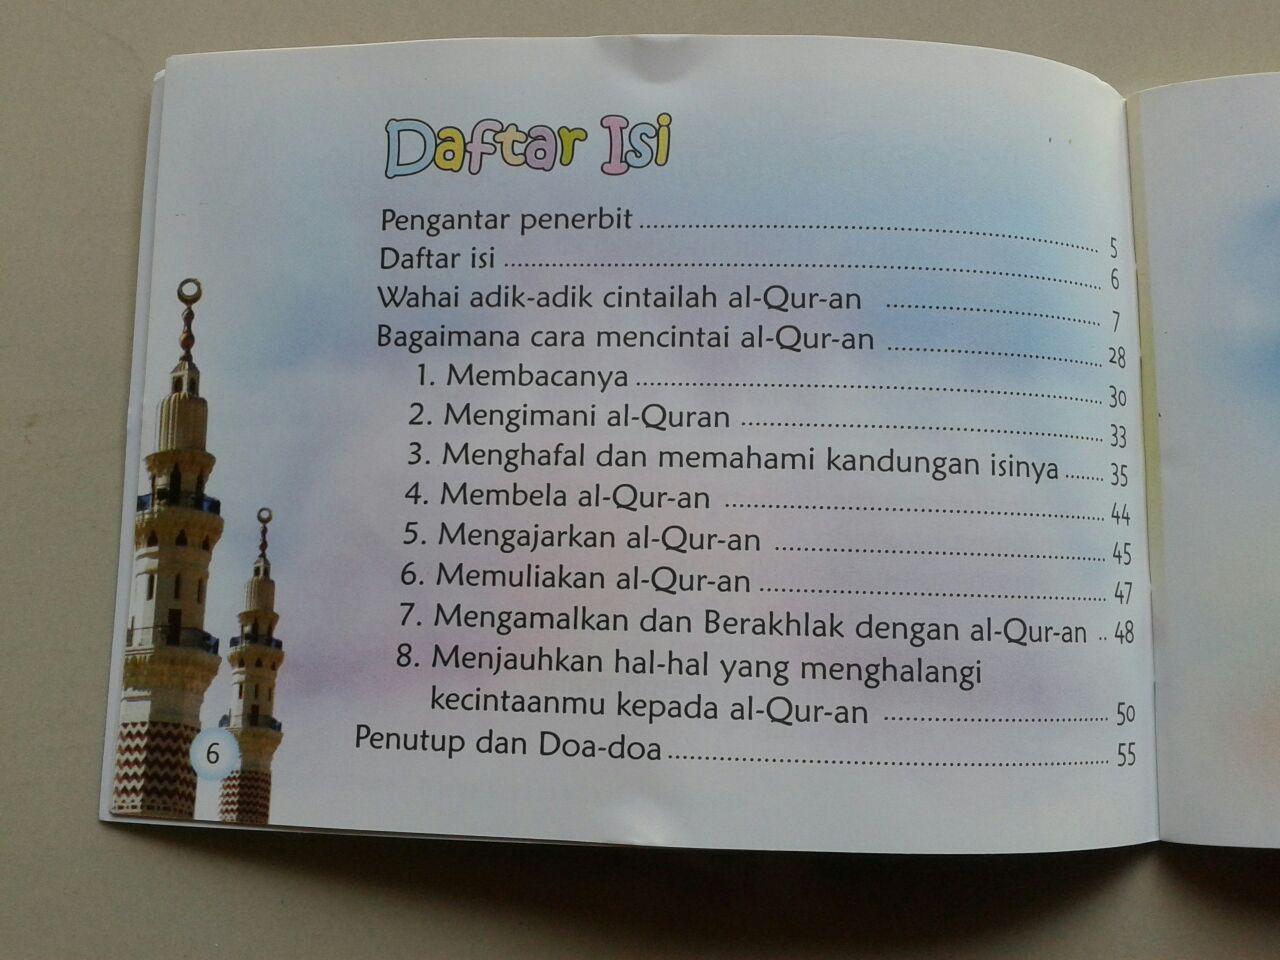 Buku Saku Wahai Adik Adik Cintailah Al Qur'an isi